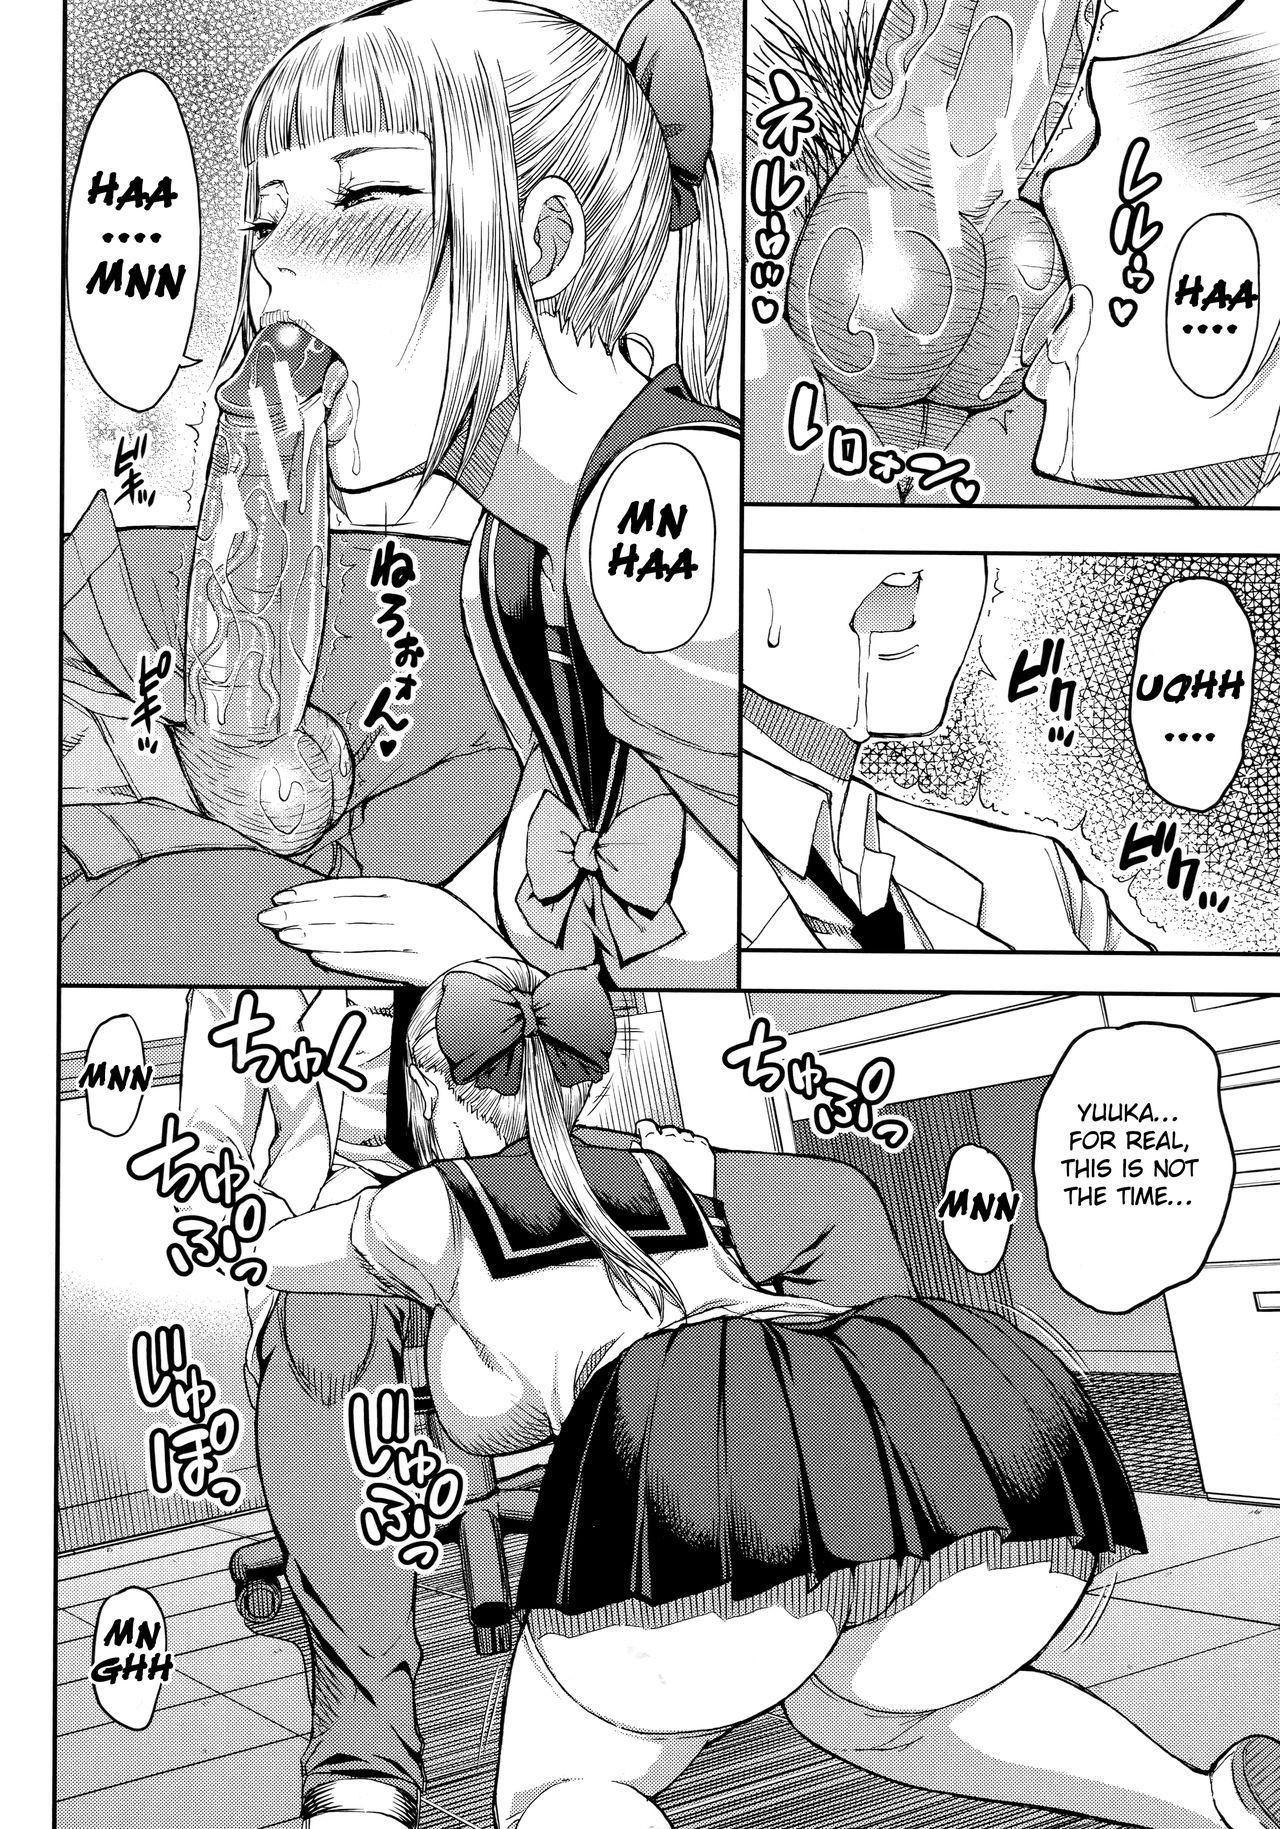 [Shunjou Shuusuke] Onegai, Sukoshi Yasumasete... ~Karada Torokeru Sex no Ato ni~ Ch. 2, 4 [English] [Raknnkarscans] 54